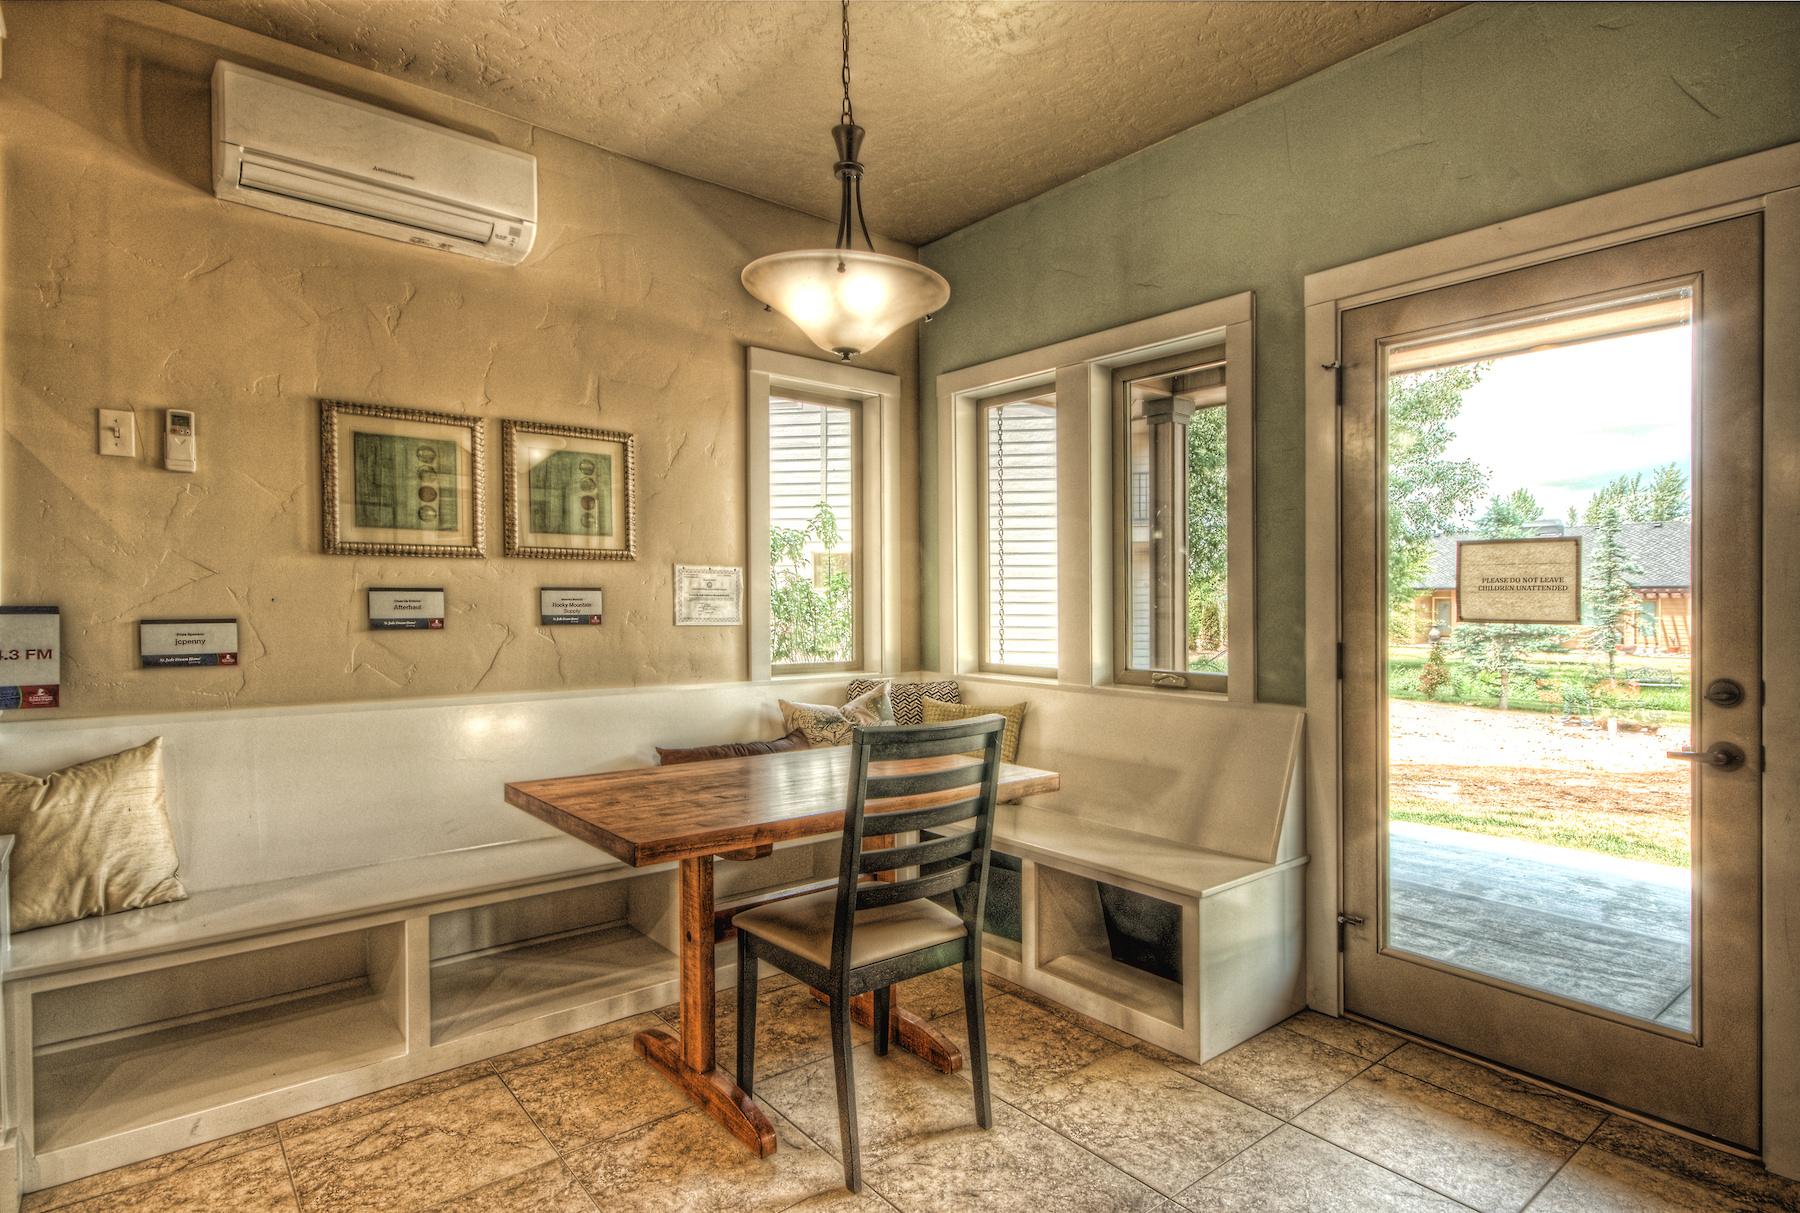 Flynner-Homes-StJude-Residential-Remodel-00019.jpg